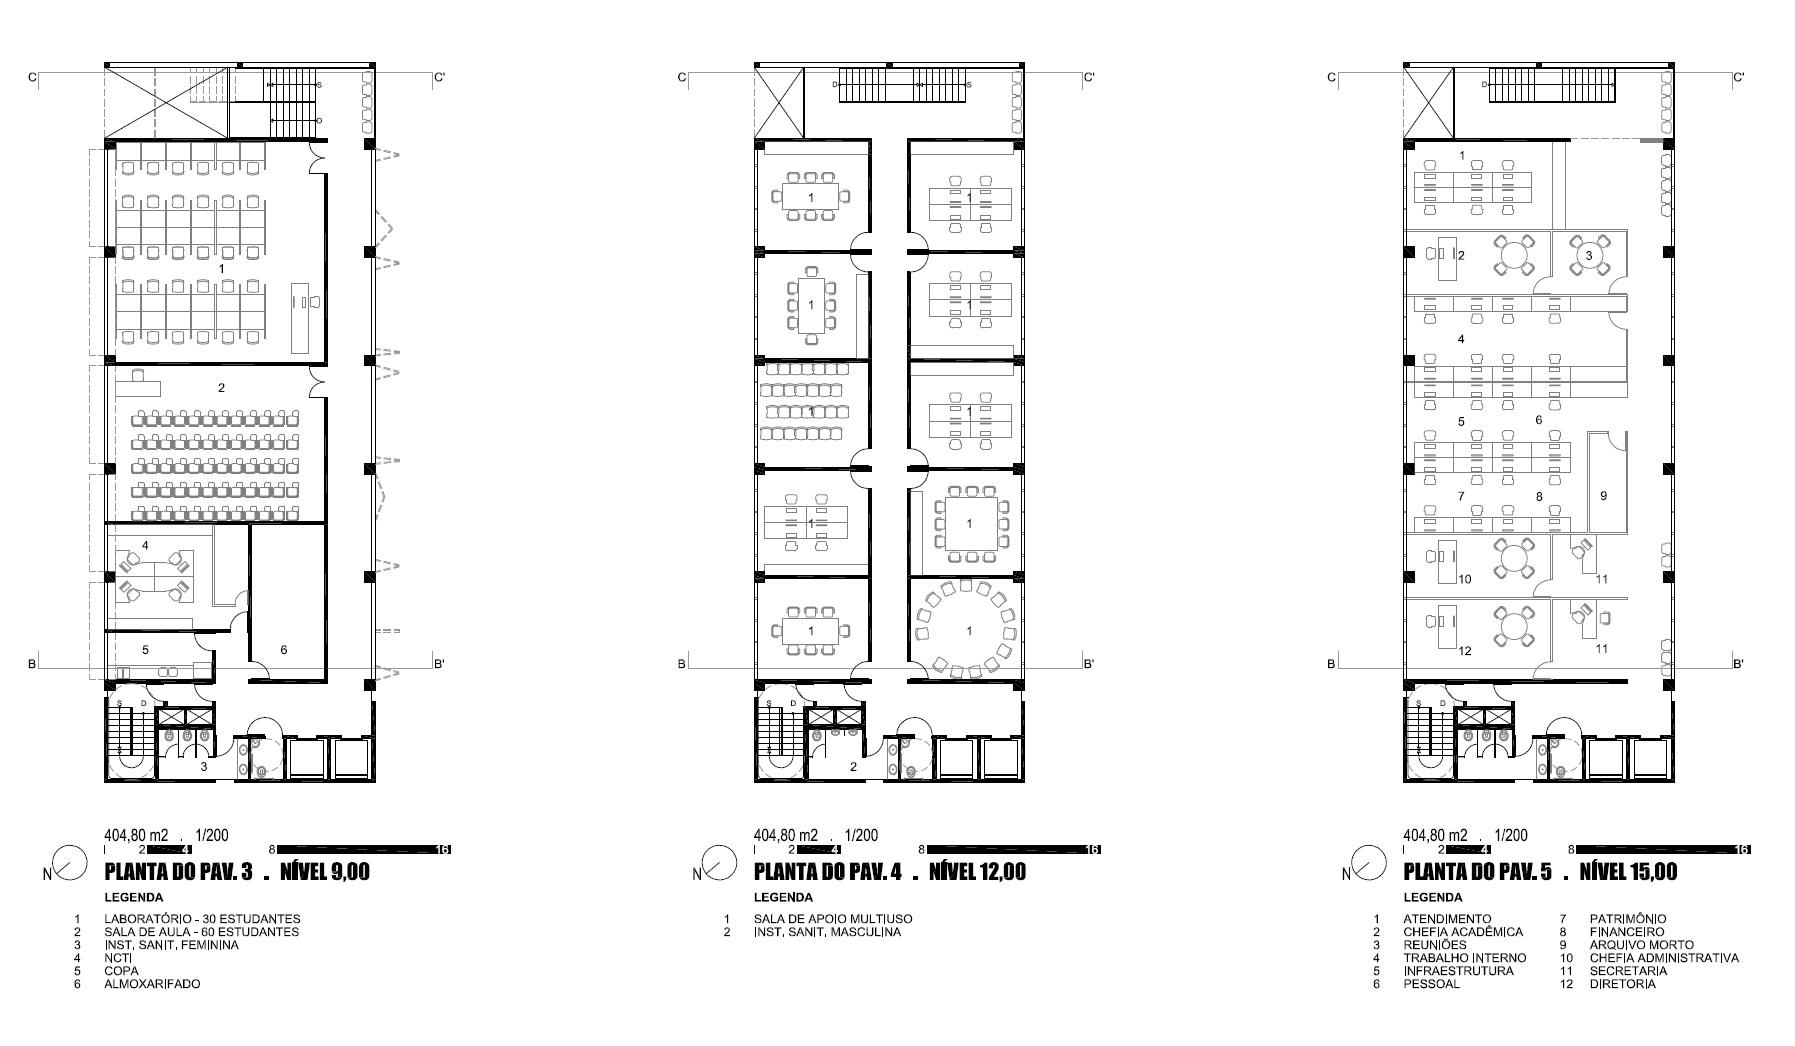 pátio inferior proposto para servir de extensão à área do foyer  #2C2C2C 1795 1046